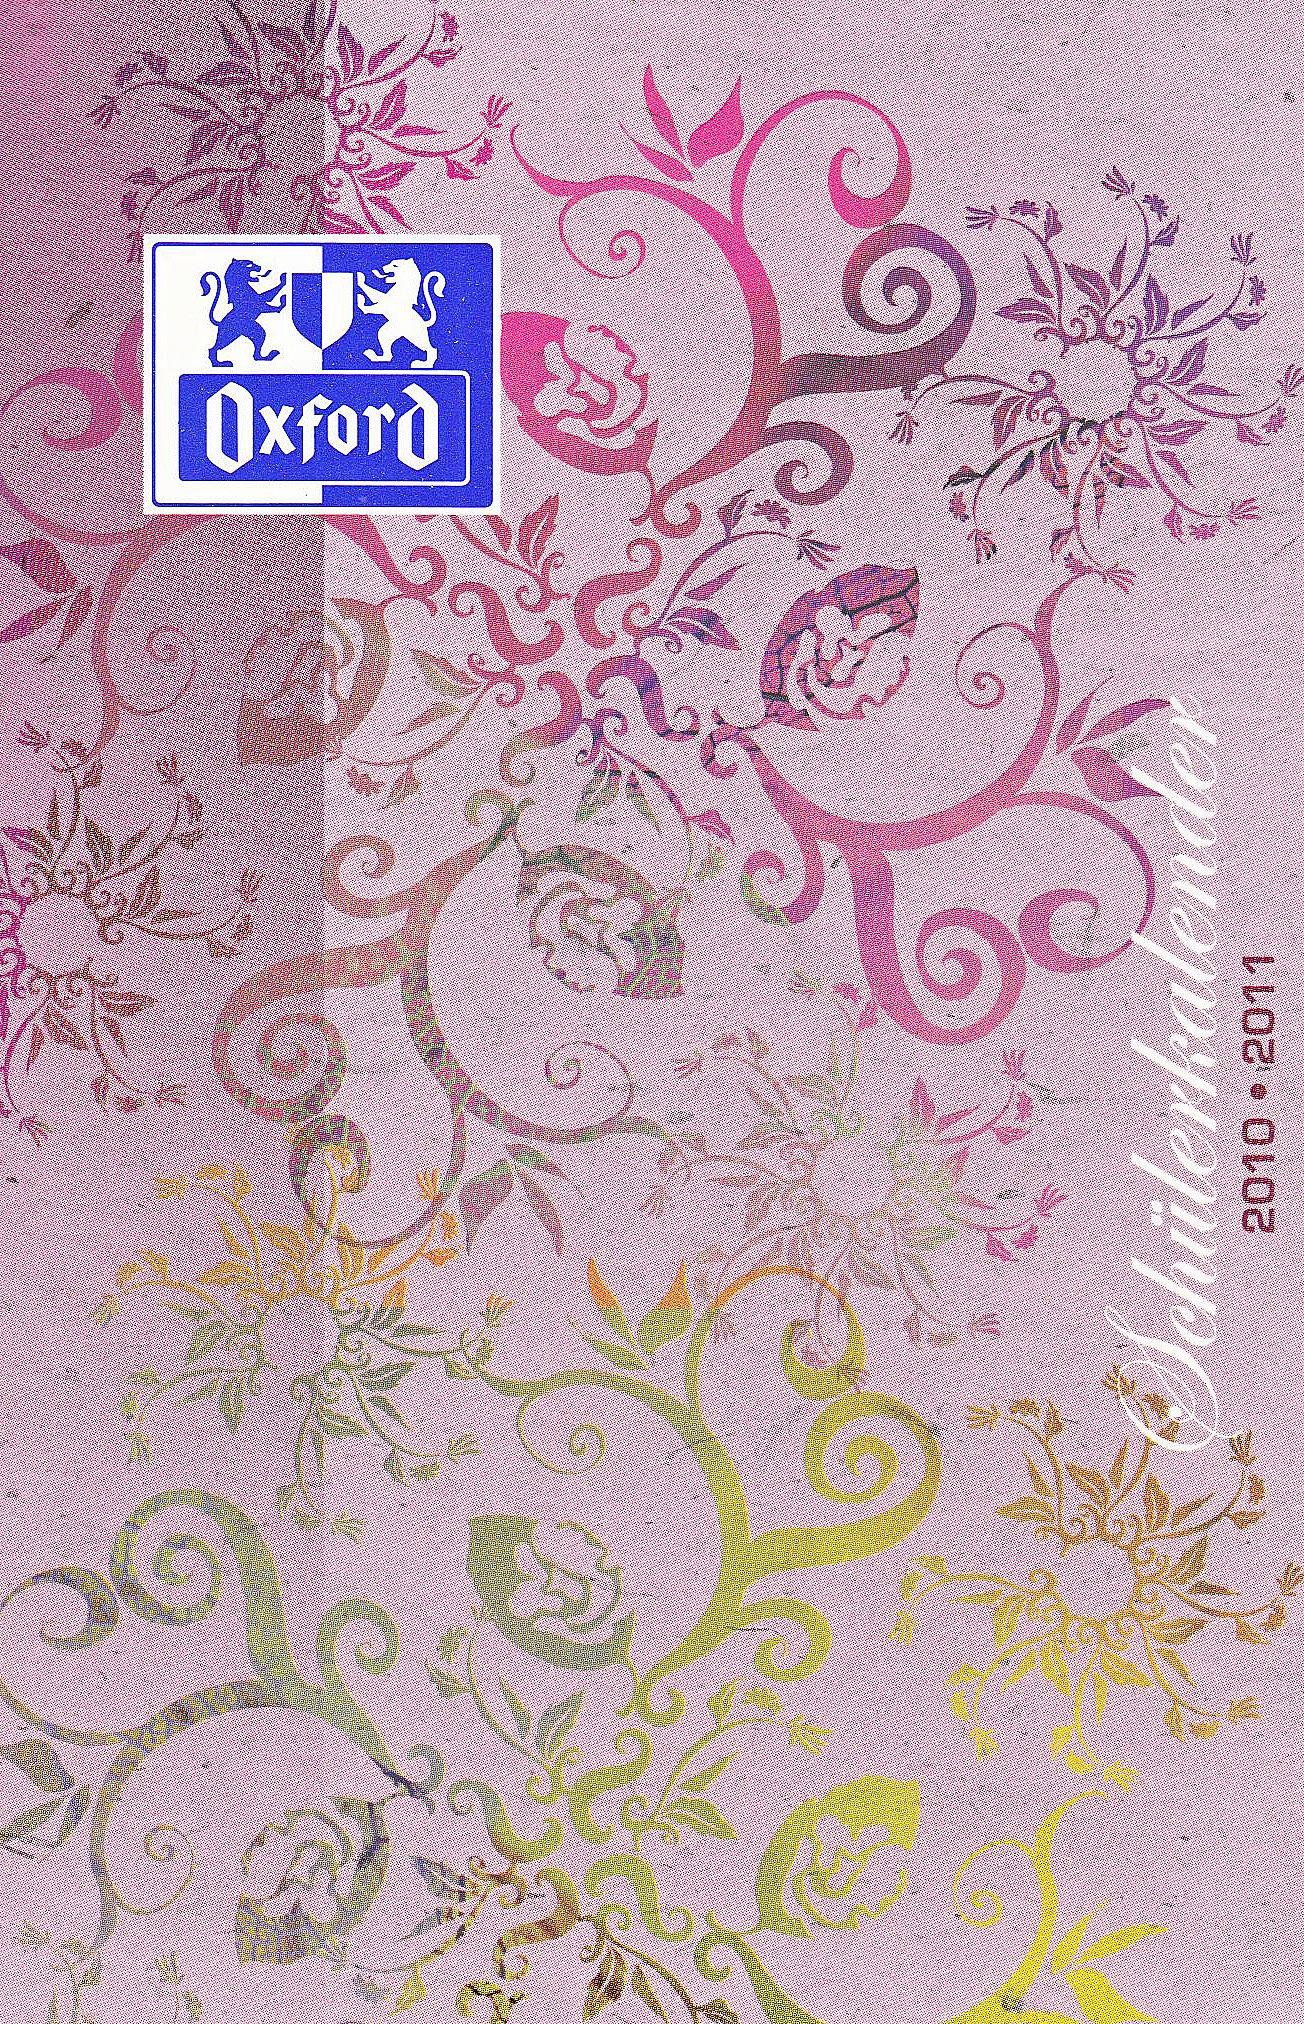 Oxford Schülerkalender Natural 2012 - Cover sortiert